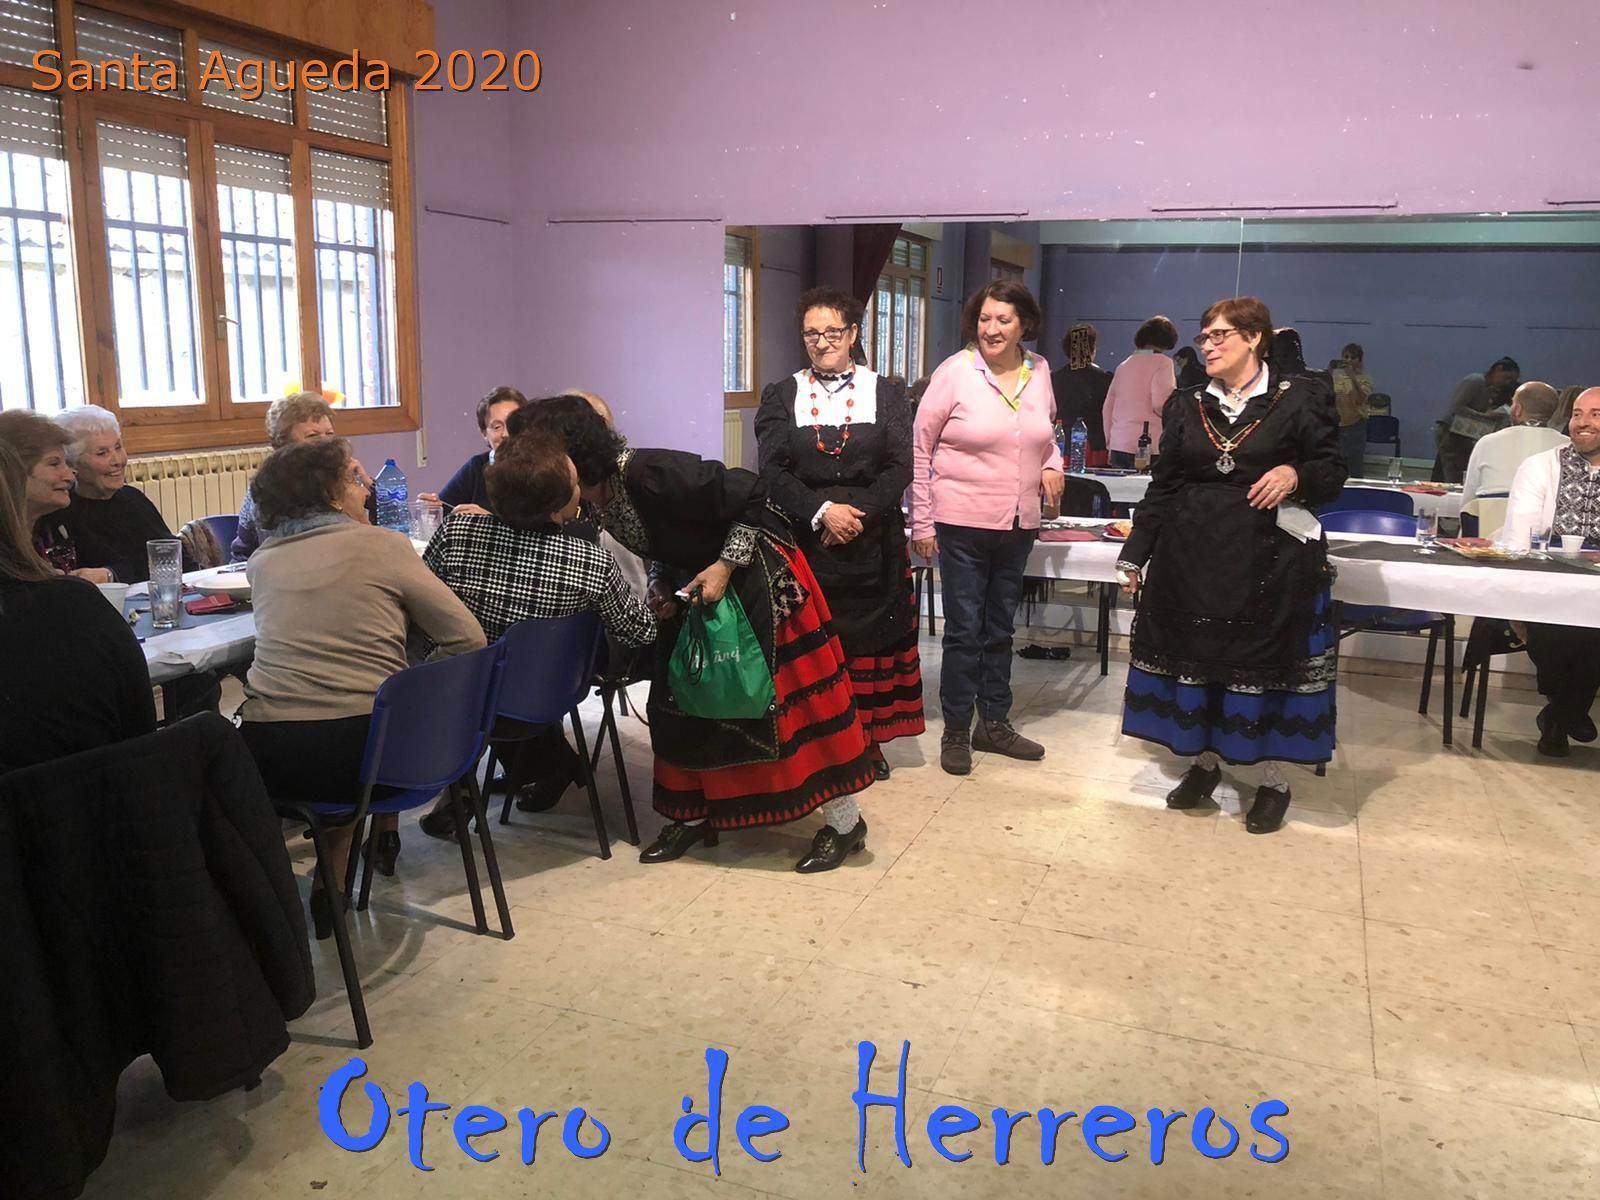 PHOTO-2020-03-04-11-09-233